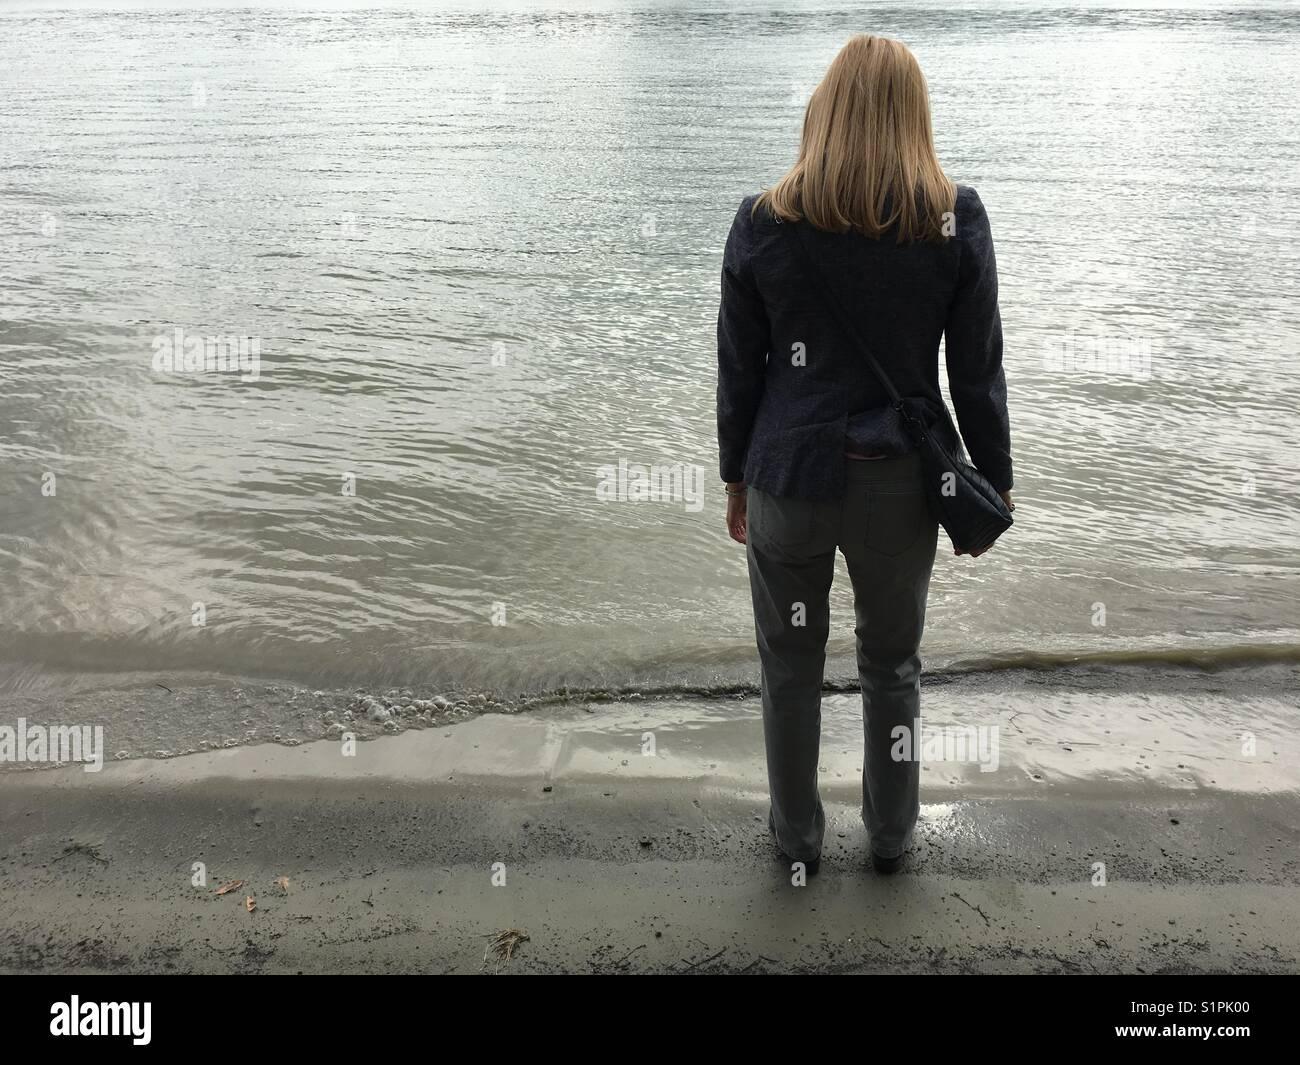 Standing on a bank of river Danube in Novi Sad in Serbia - Stock Image